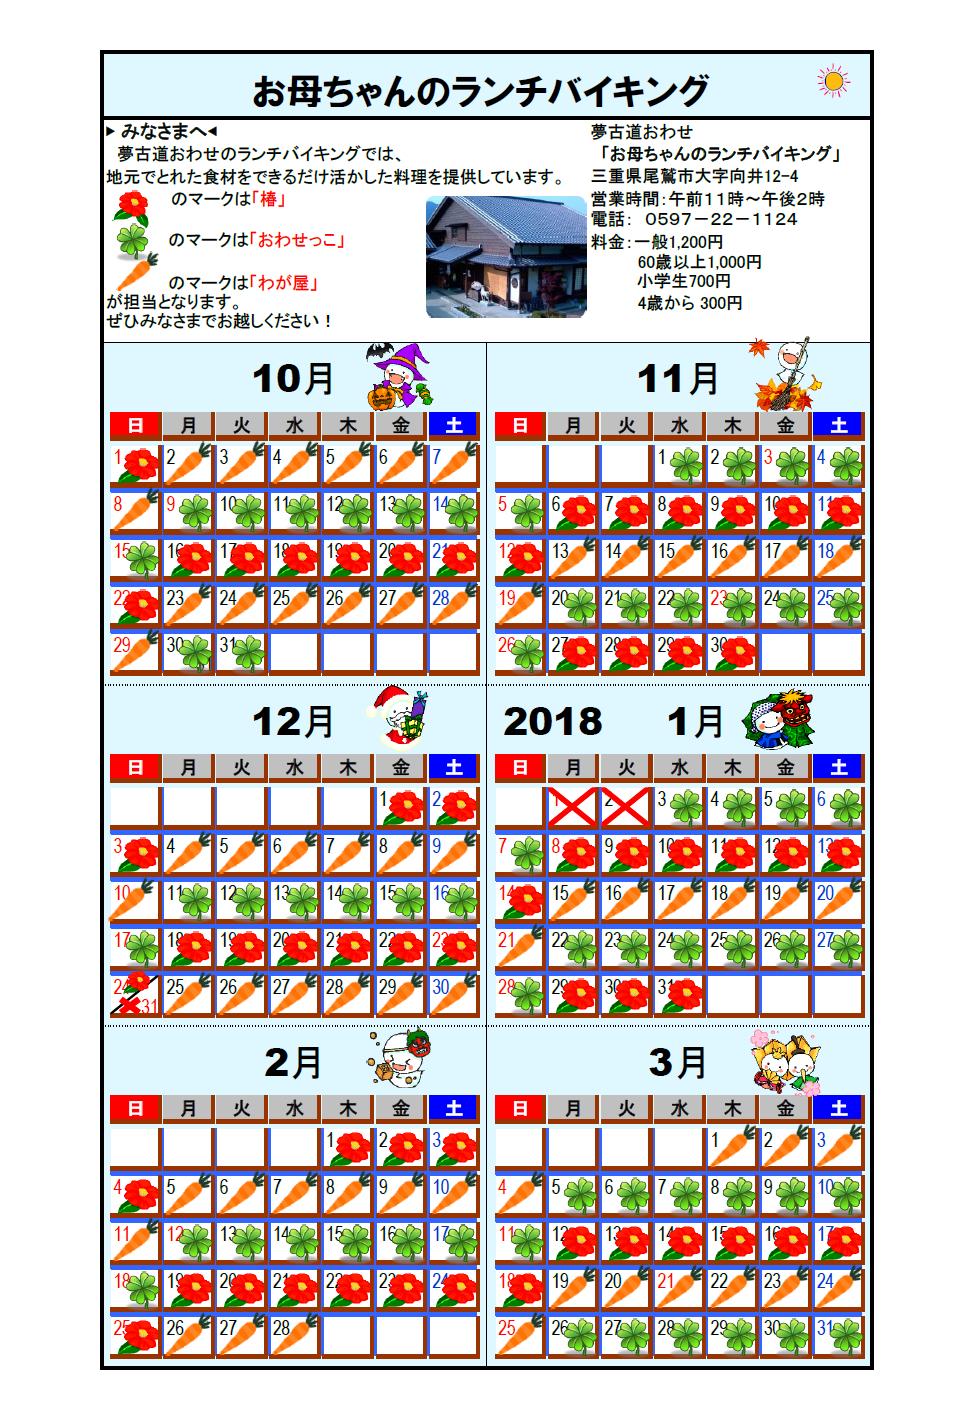 三地区半年カレンダー2017年 10月